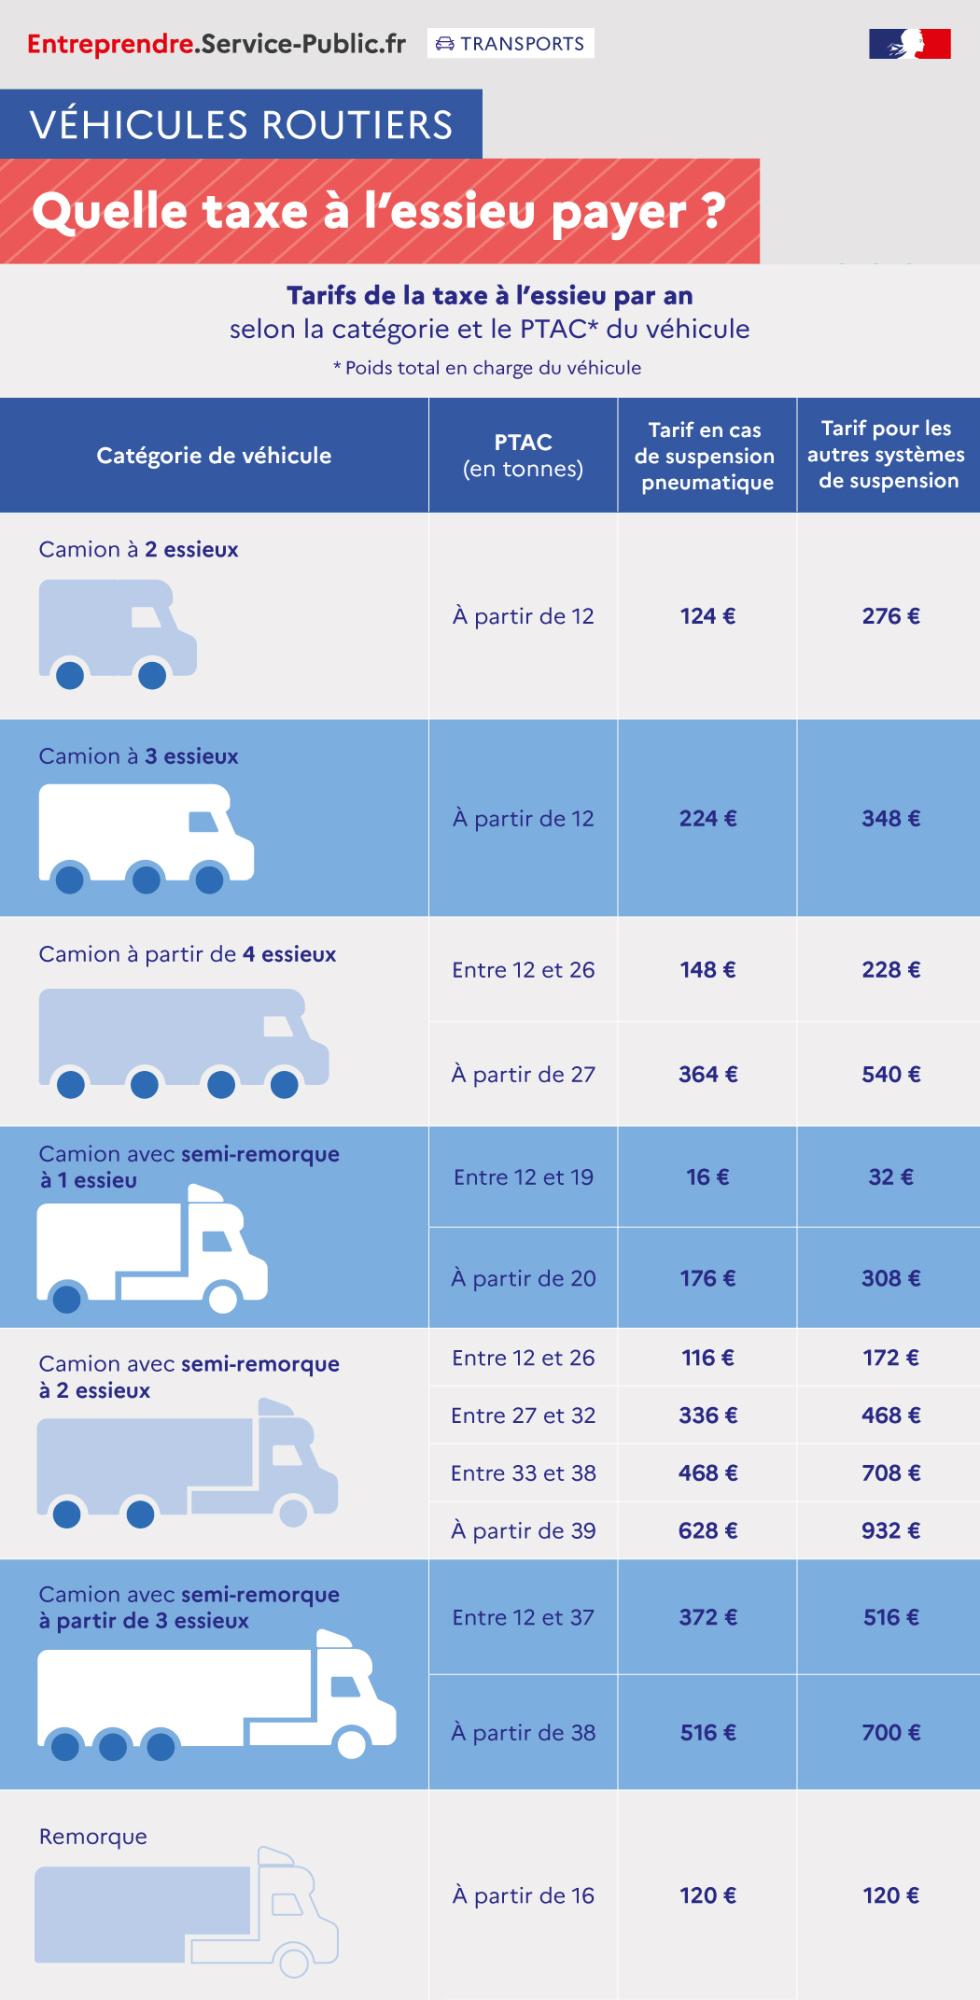 Montants de la taxe annuelle à l'essieu en euros définis pour une année civile, en fonction de la catégorie de véhicule, de son poids en tonnes et du type de suspension (pneumatique ou autre)